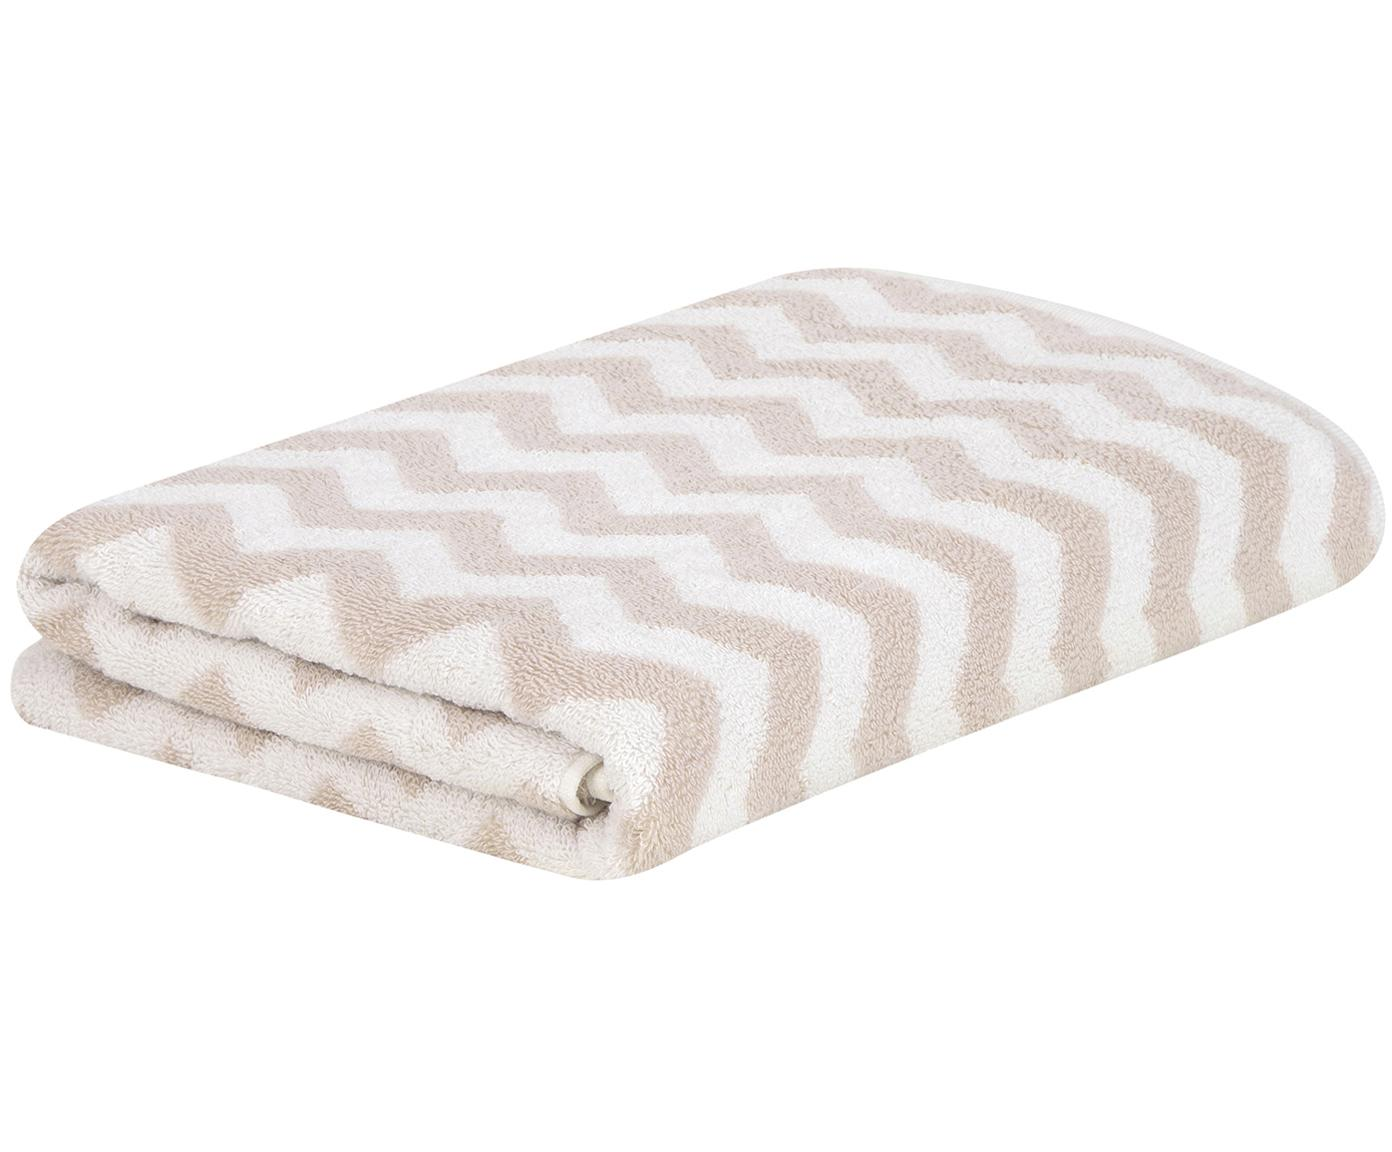 Handtuch Liv mit Zickzack-Muster, Sandfarben, Handtuch